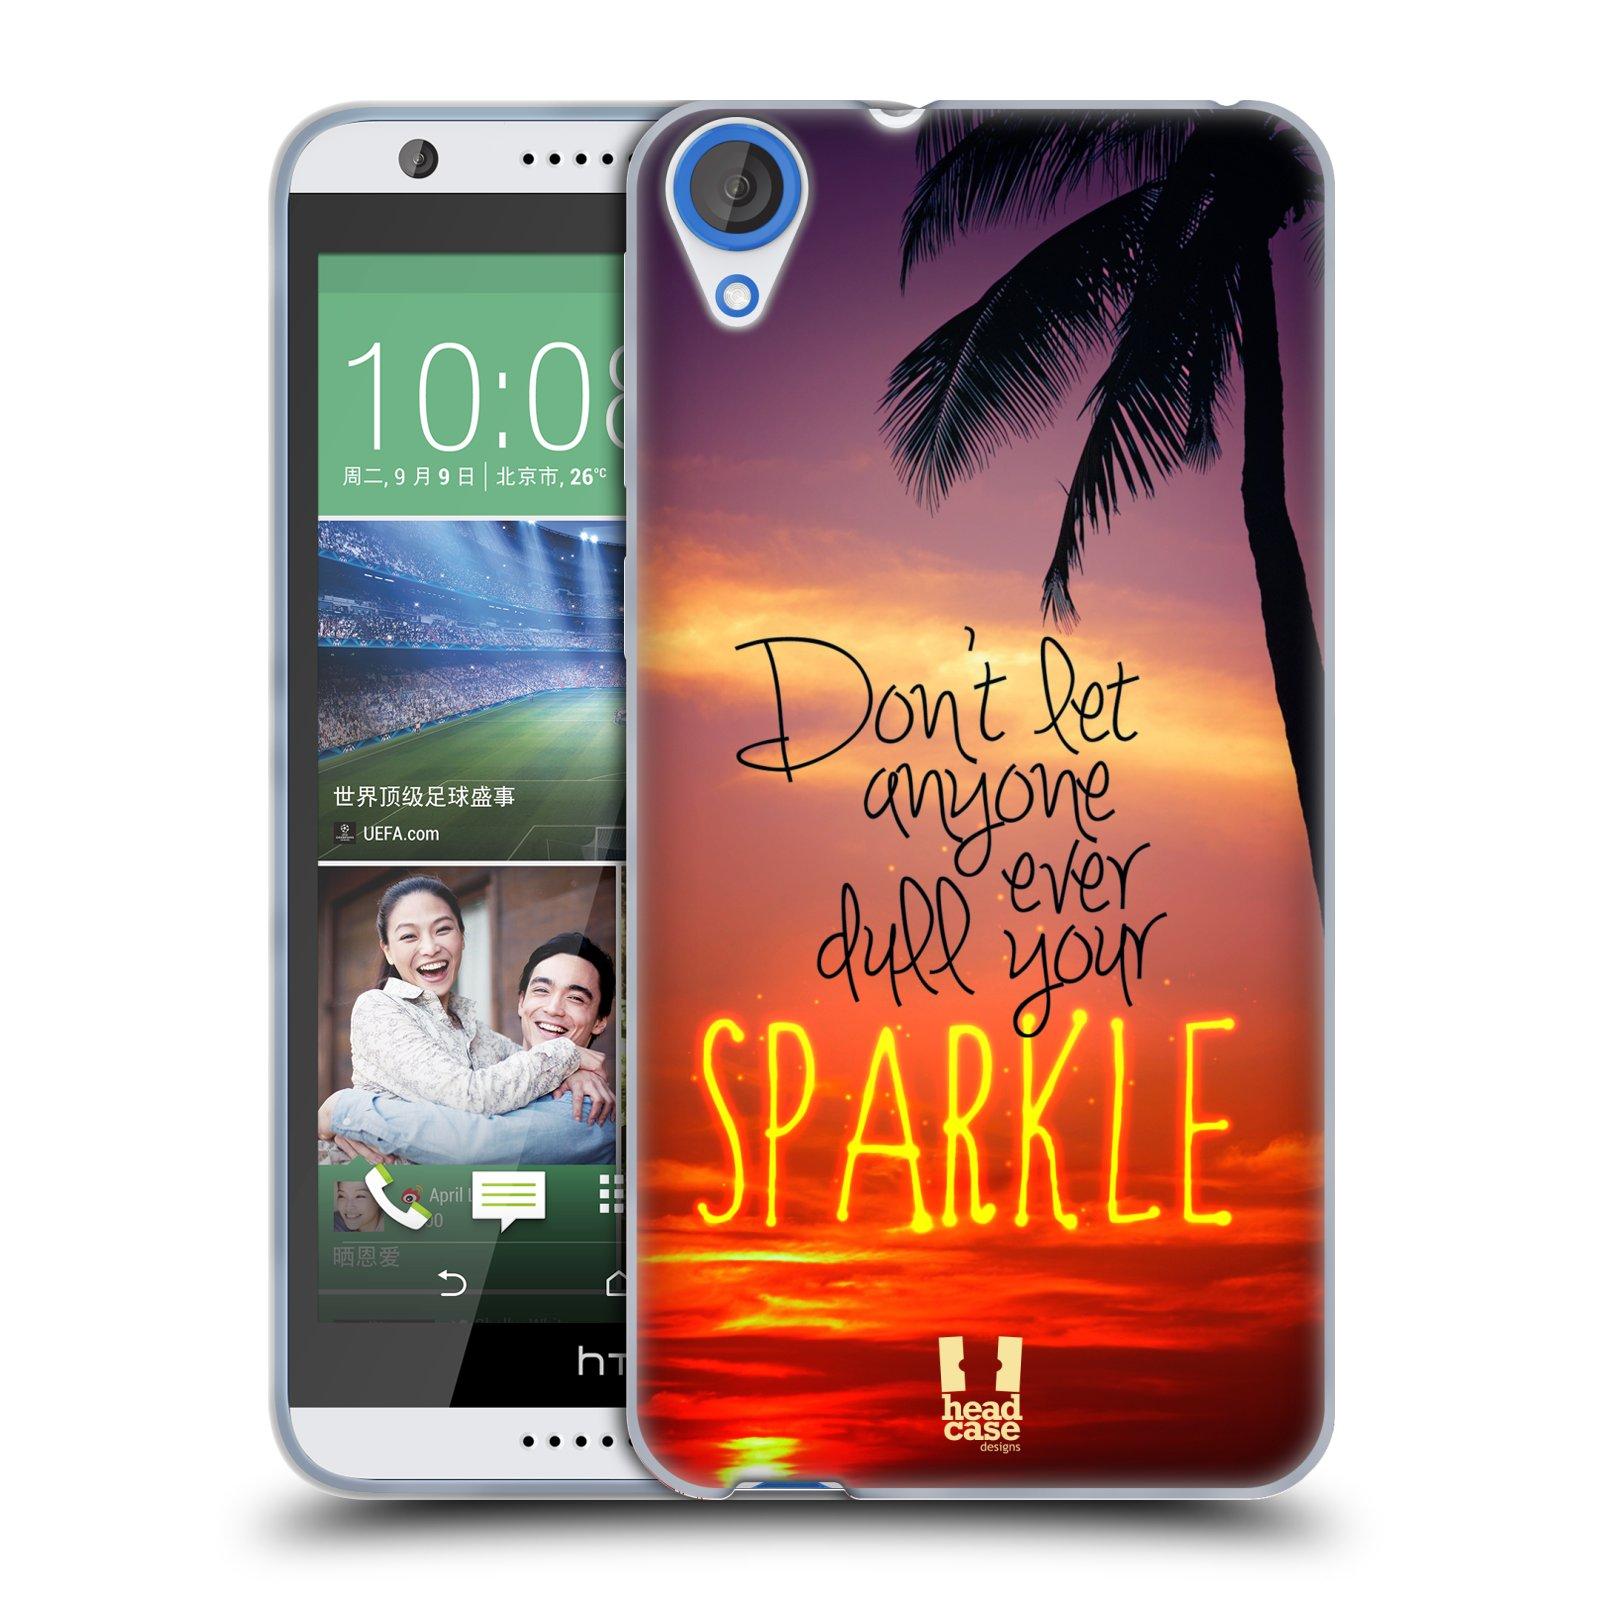 Silikonové pouzdro na mobil HTC Desire 820 HEAD CASE SPARKLE (Silikonový kryt či obal na mobilní telefon HTC Desire 820)